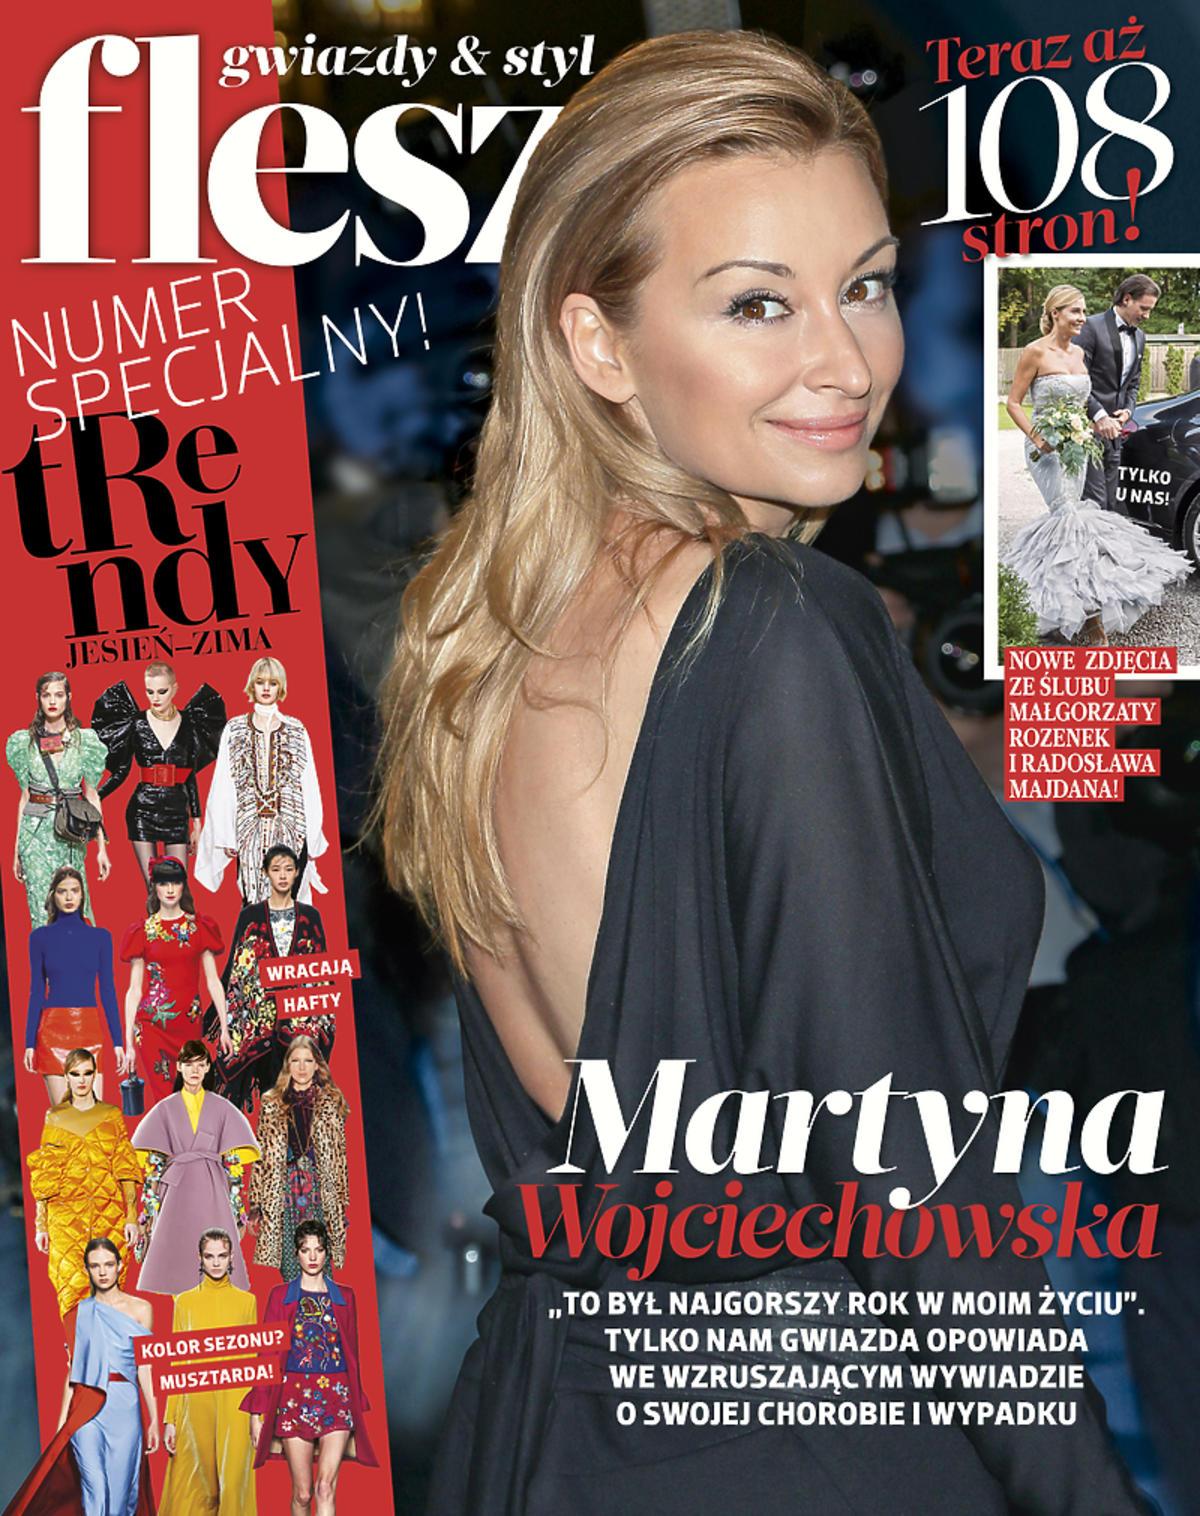 Martyna Wojciechowska opowiedziała we Fleszu o swojej chorobie